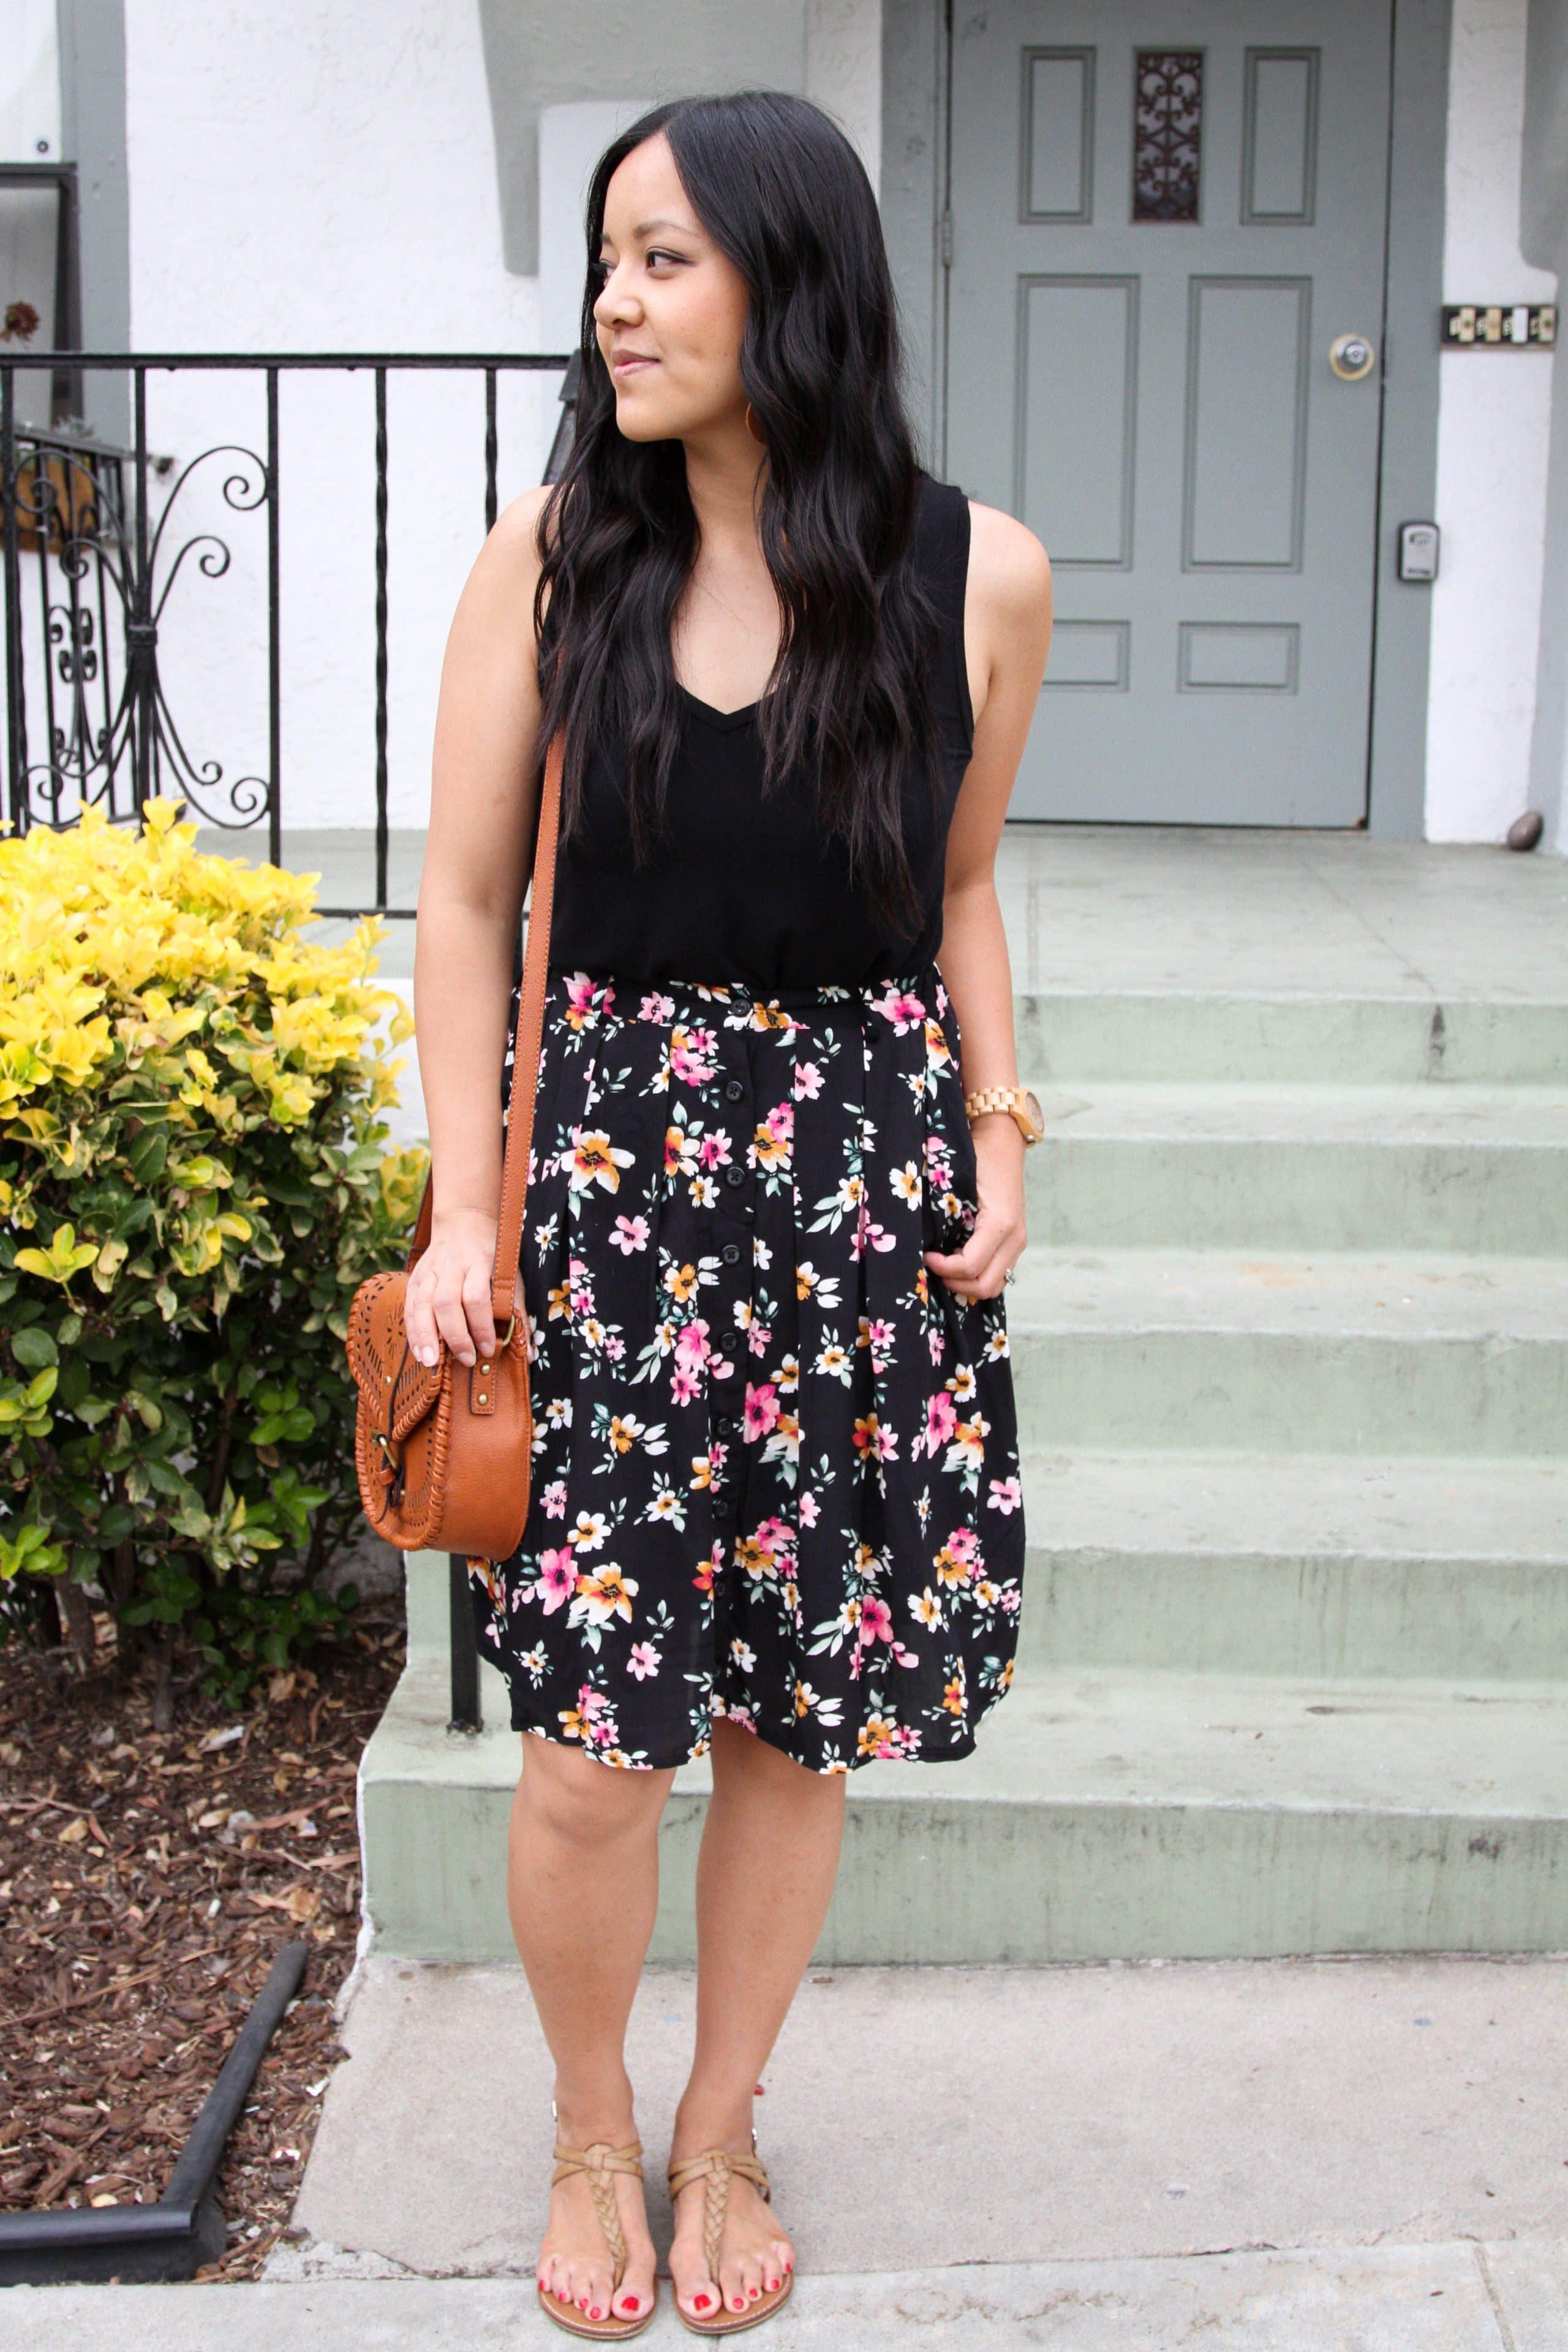 black floral skirt + black top + cognac purse + tan sandals